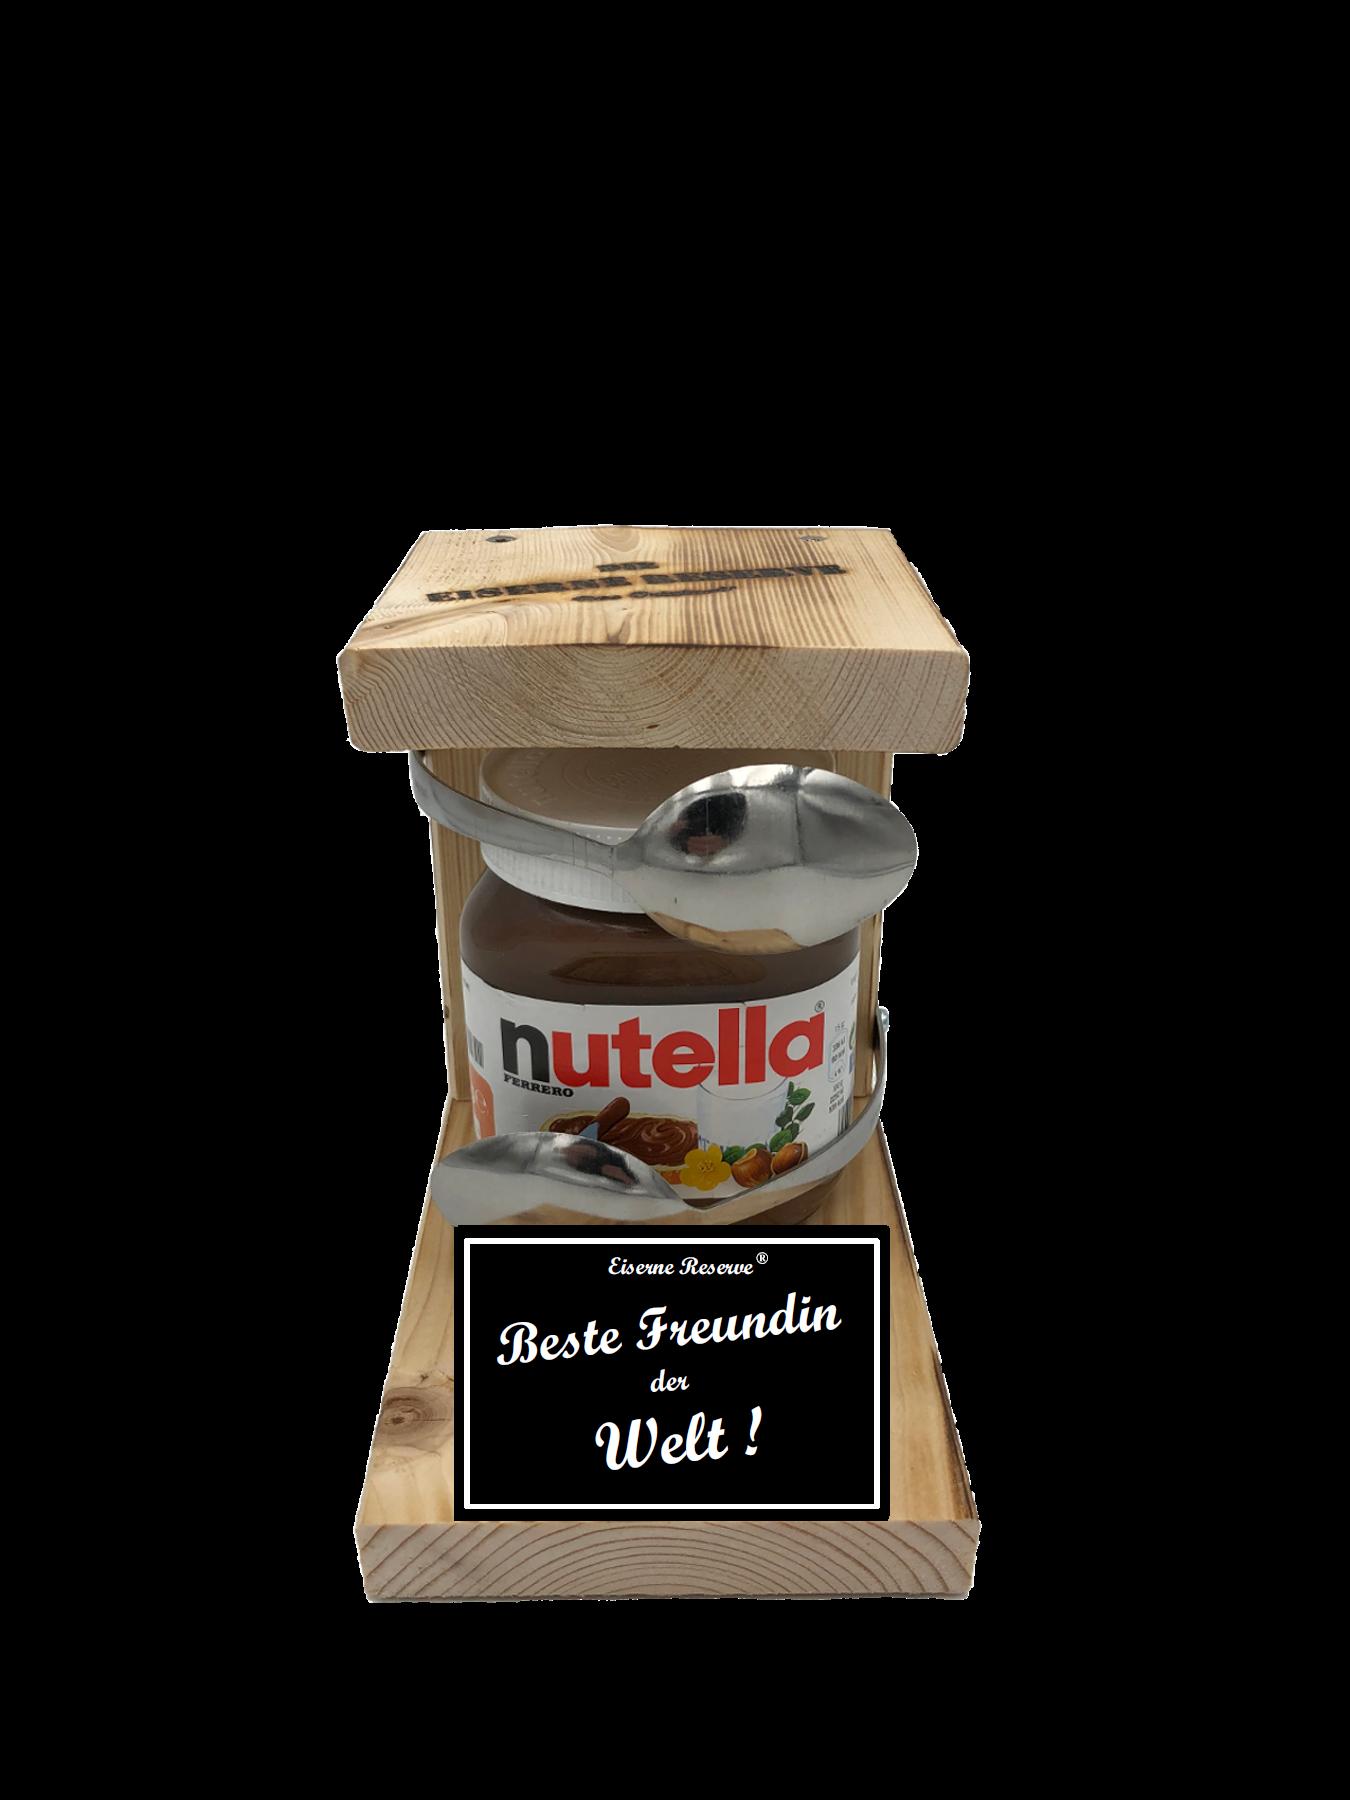 Beste Freundin der Welt Löffel Nutella Geschenk - Die Nutella Geschenkidee